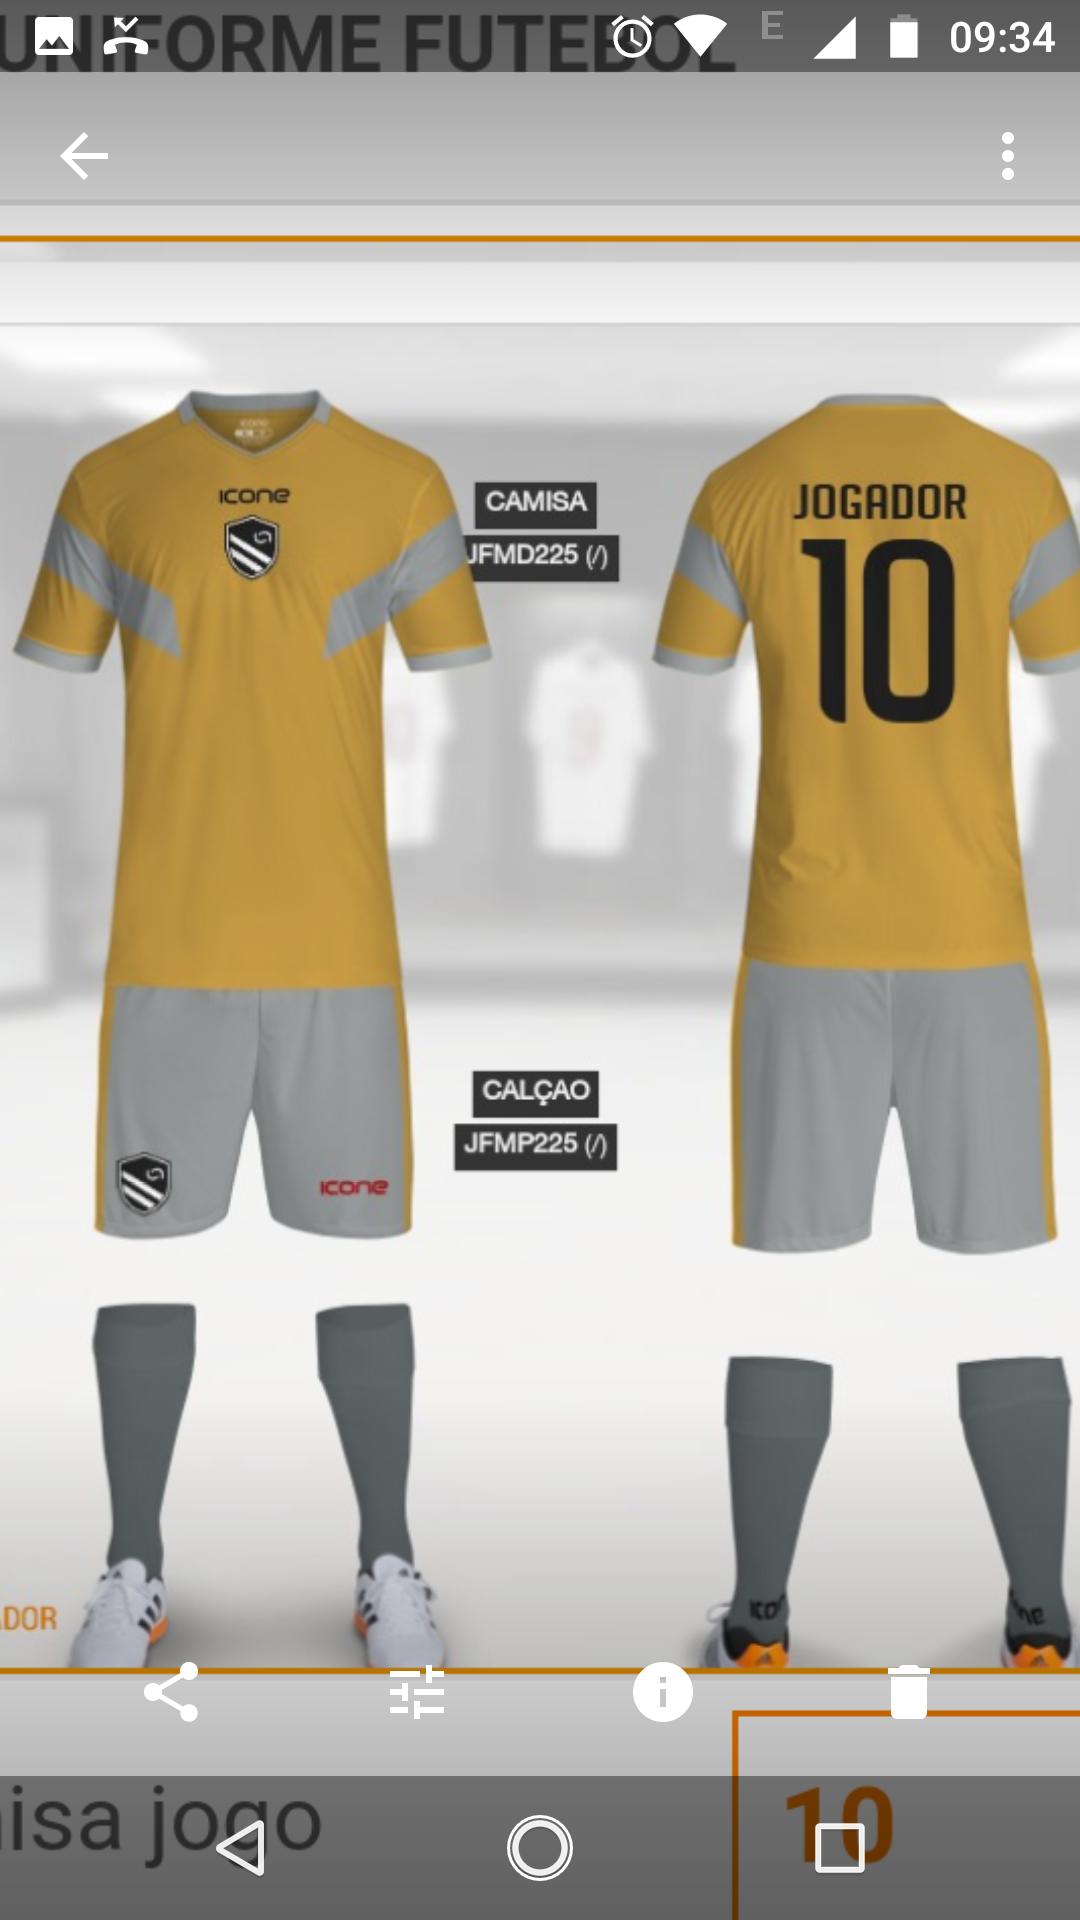 Uniforme da nova geração - Nova Geração FC